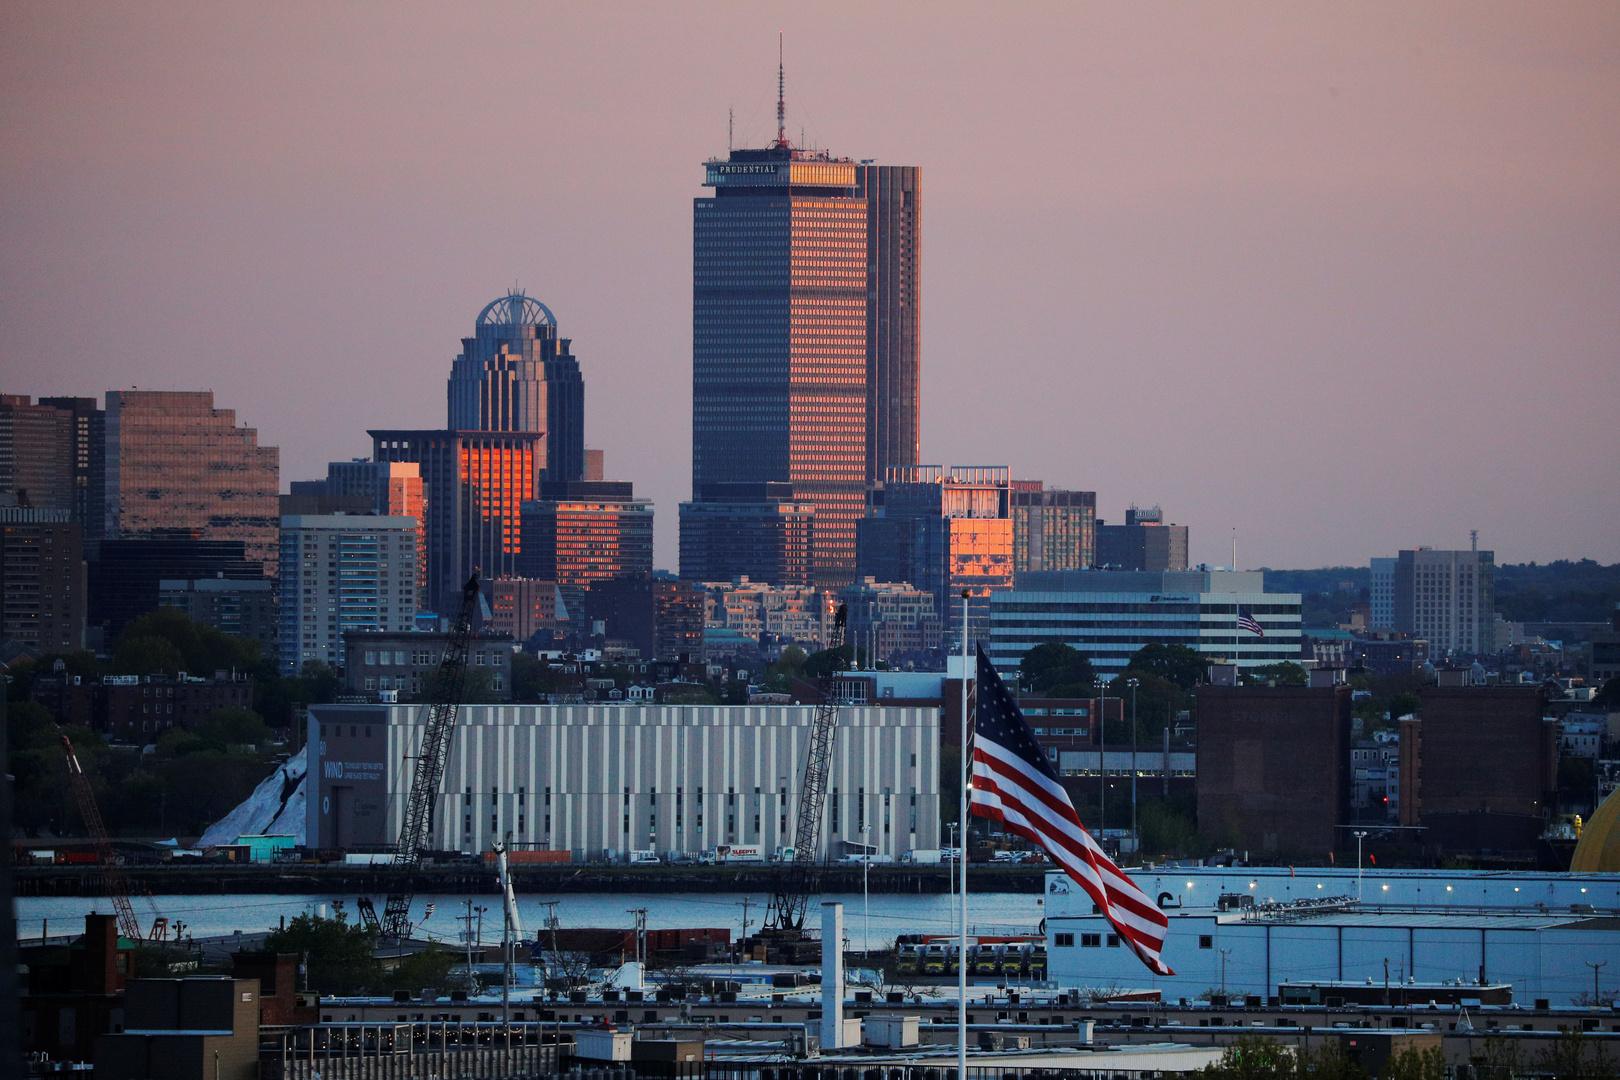 علم الولايات المتحدة على خلفية مدينة إيفيريت الأمريكية.